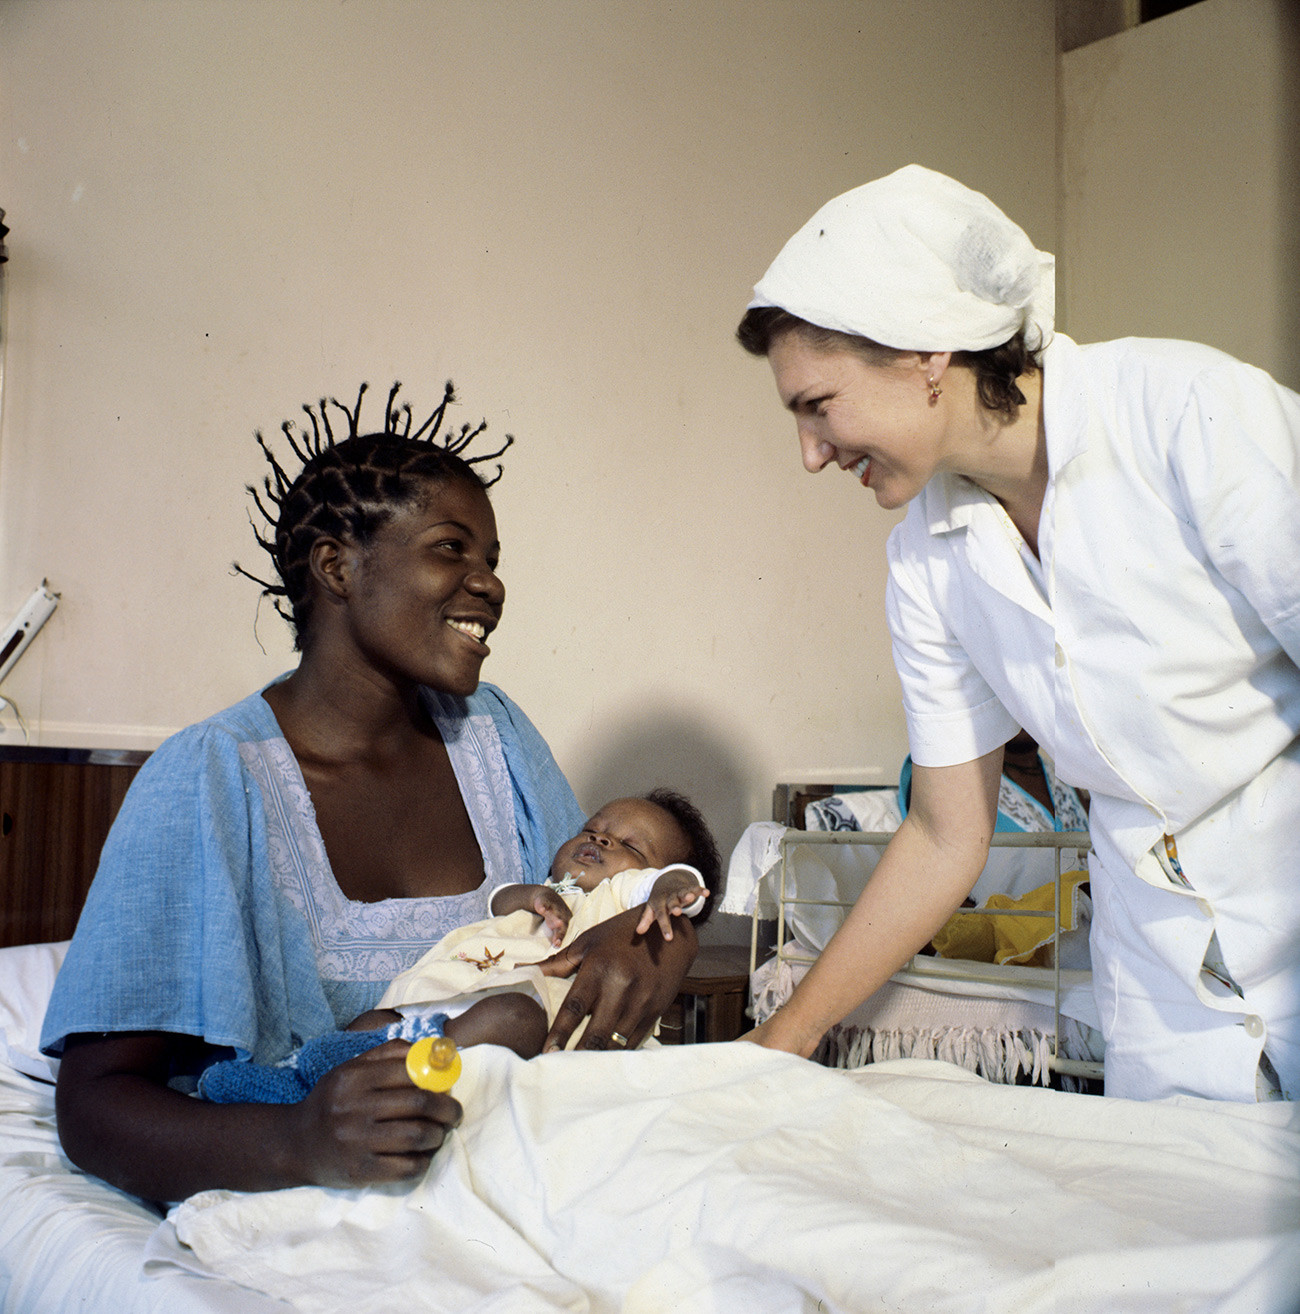 Između ostalog, SSSR je pomagao Africi s liječnicima. Sovjetska primalja u Lubangu, Angola.